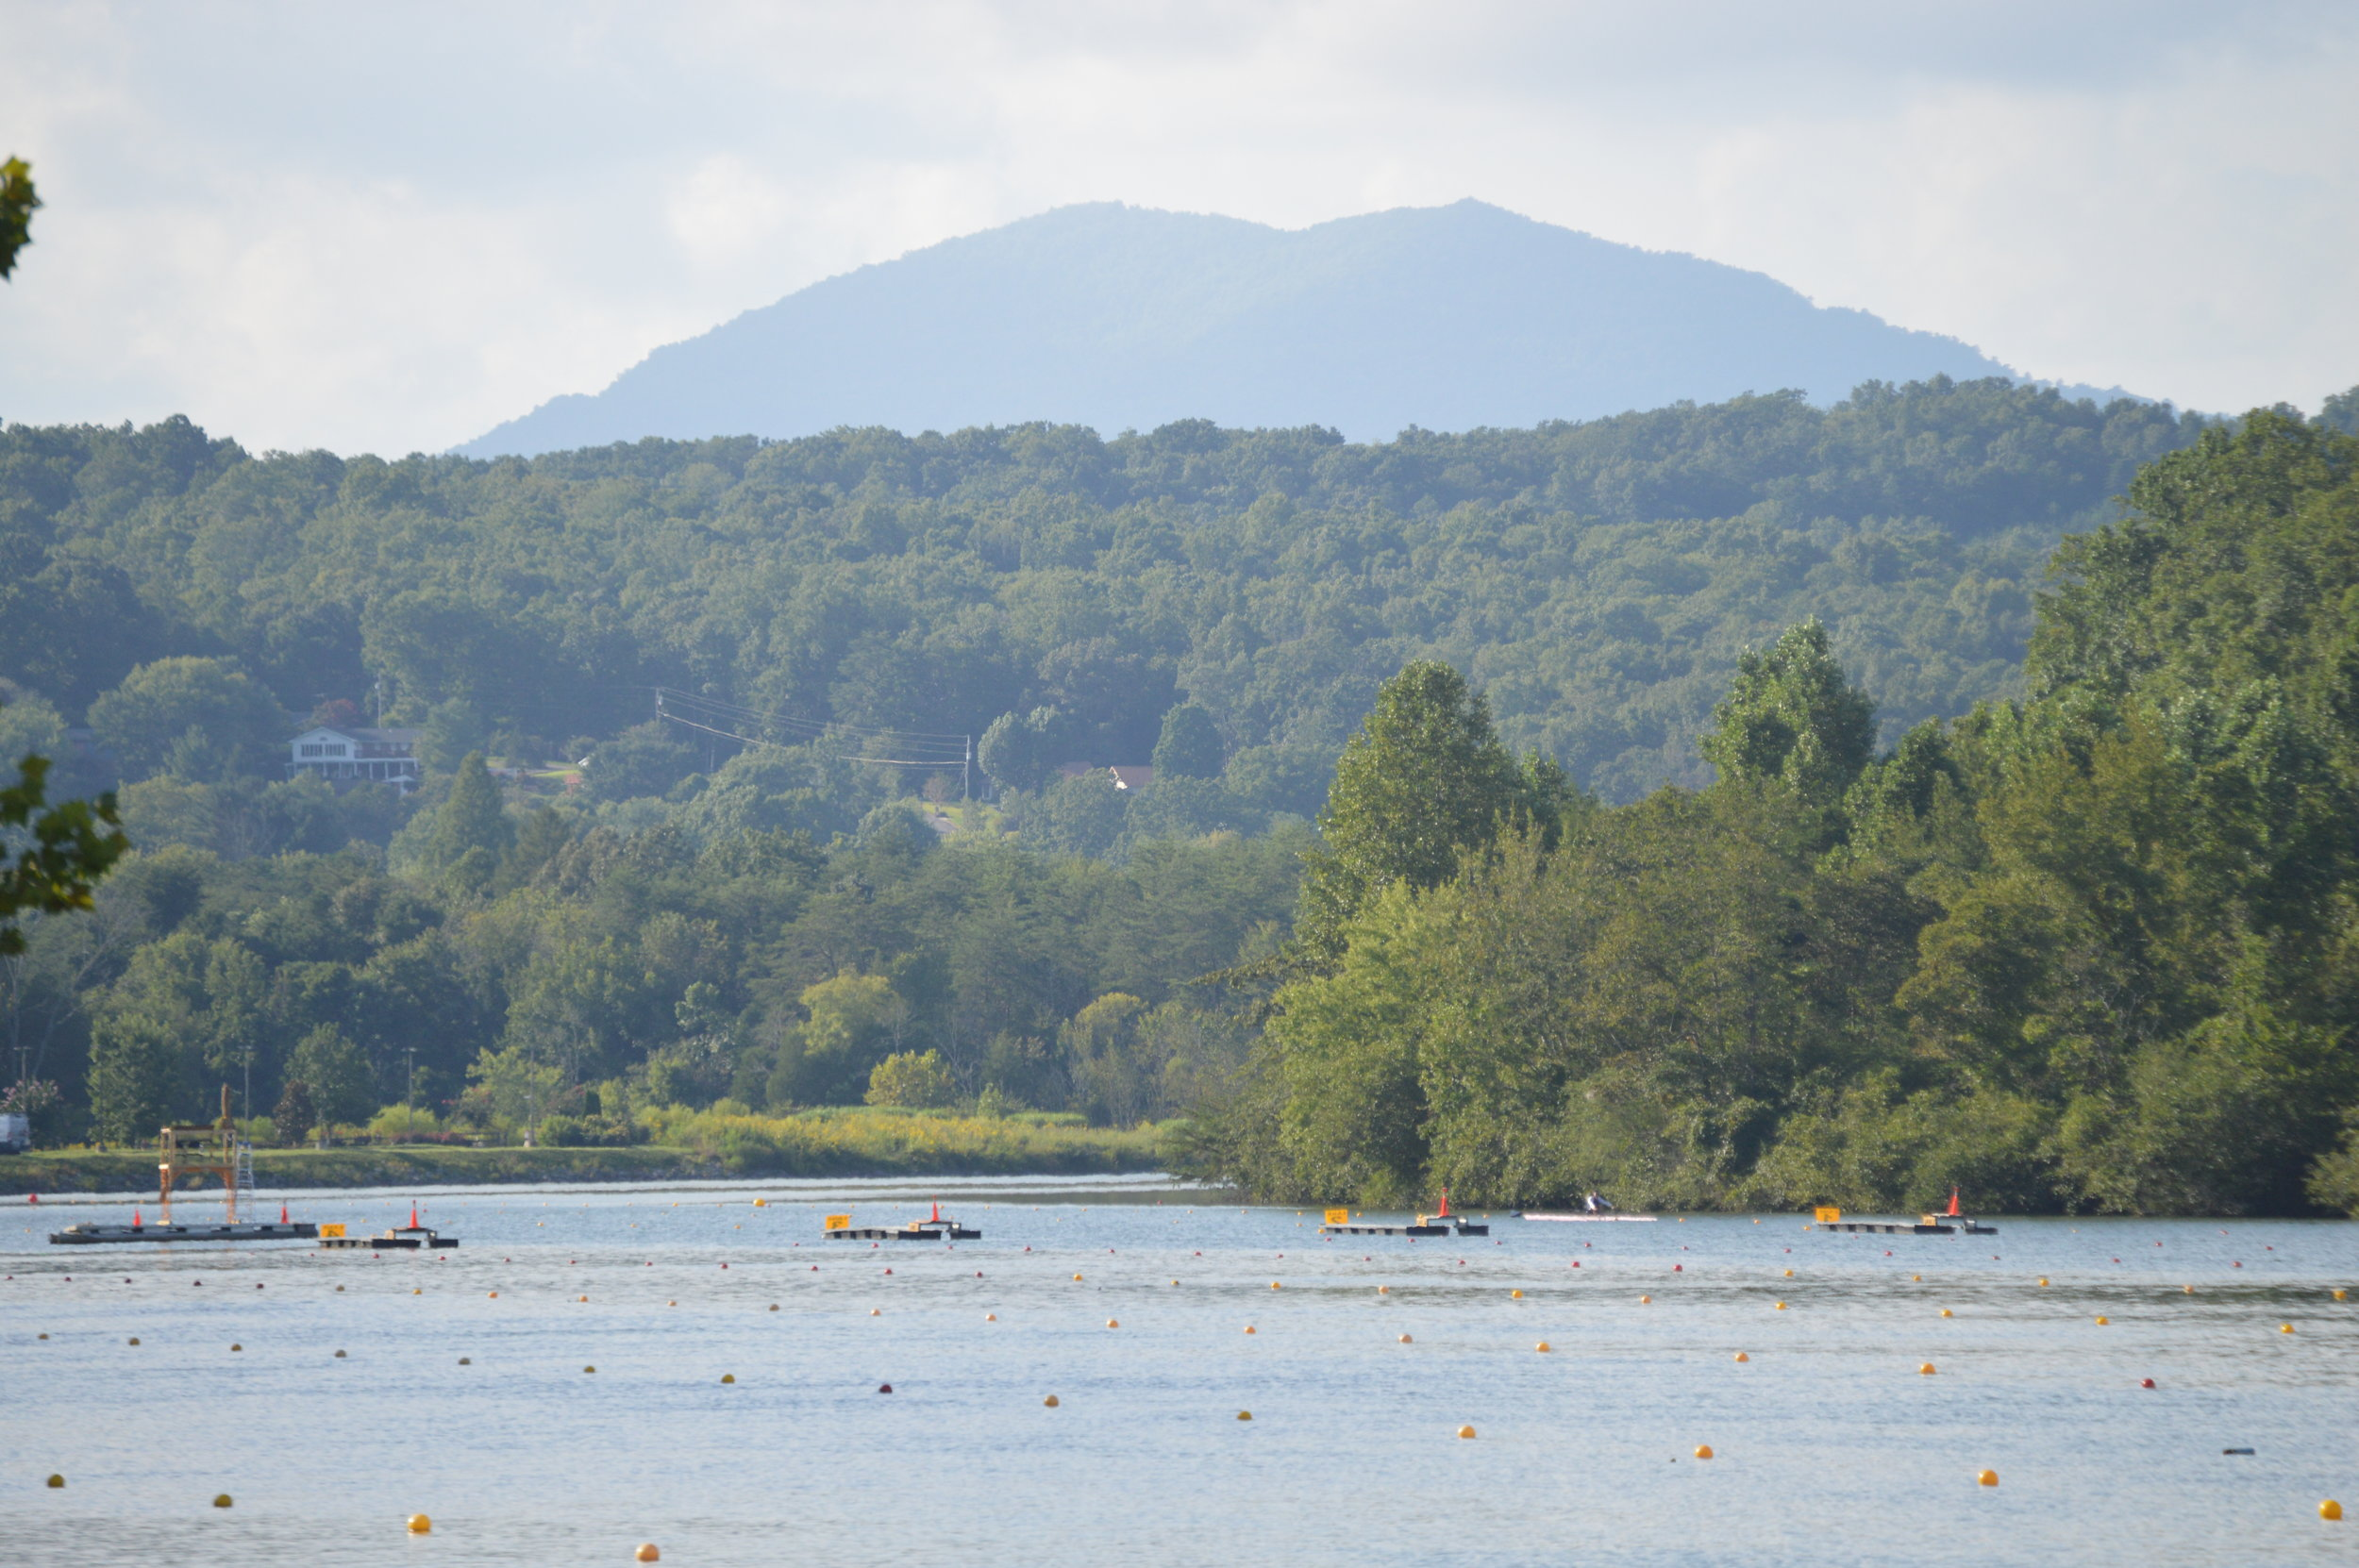 The rowing venue in Oak Ridge is set against a beautiful mountain backdrop.